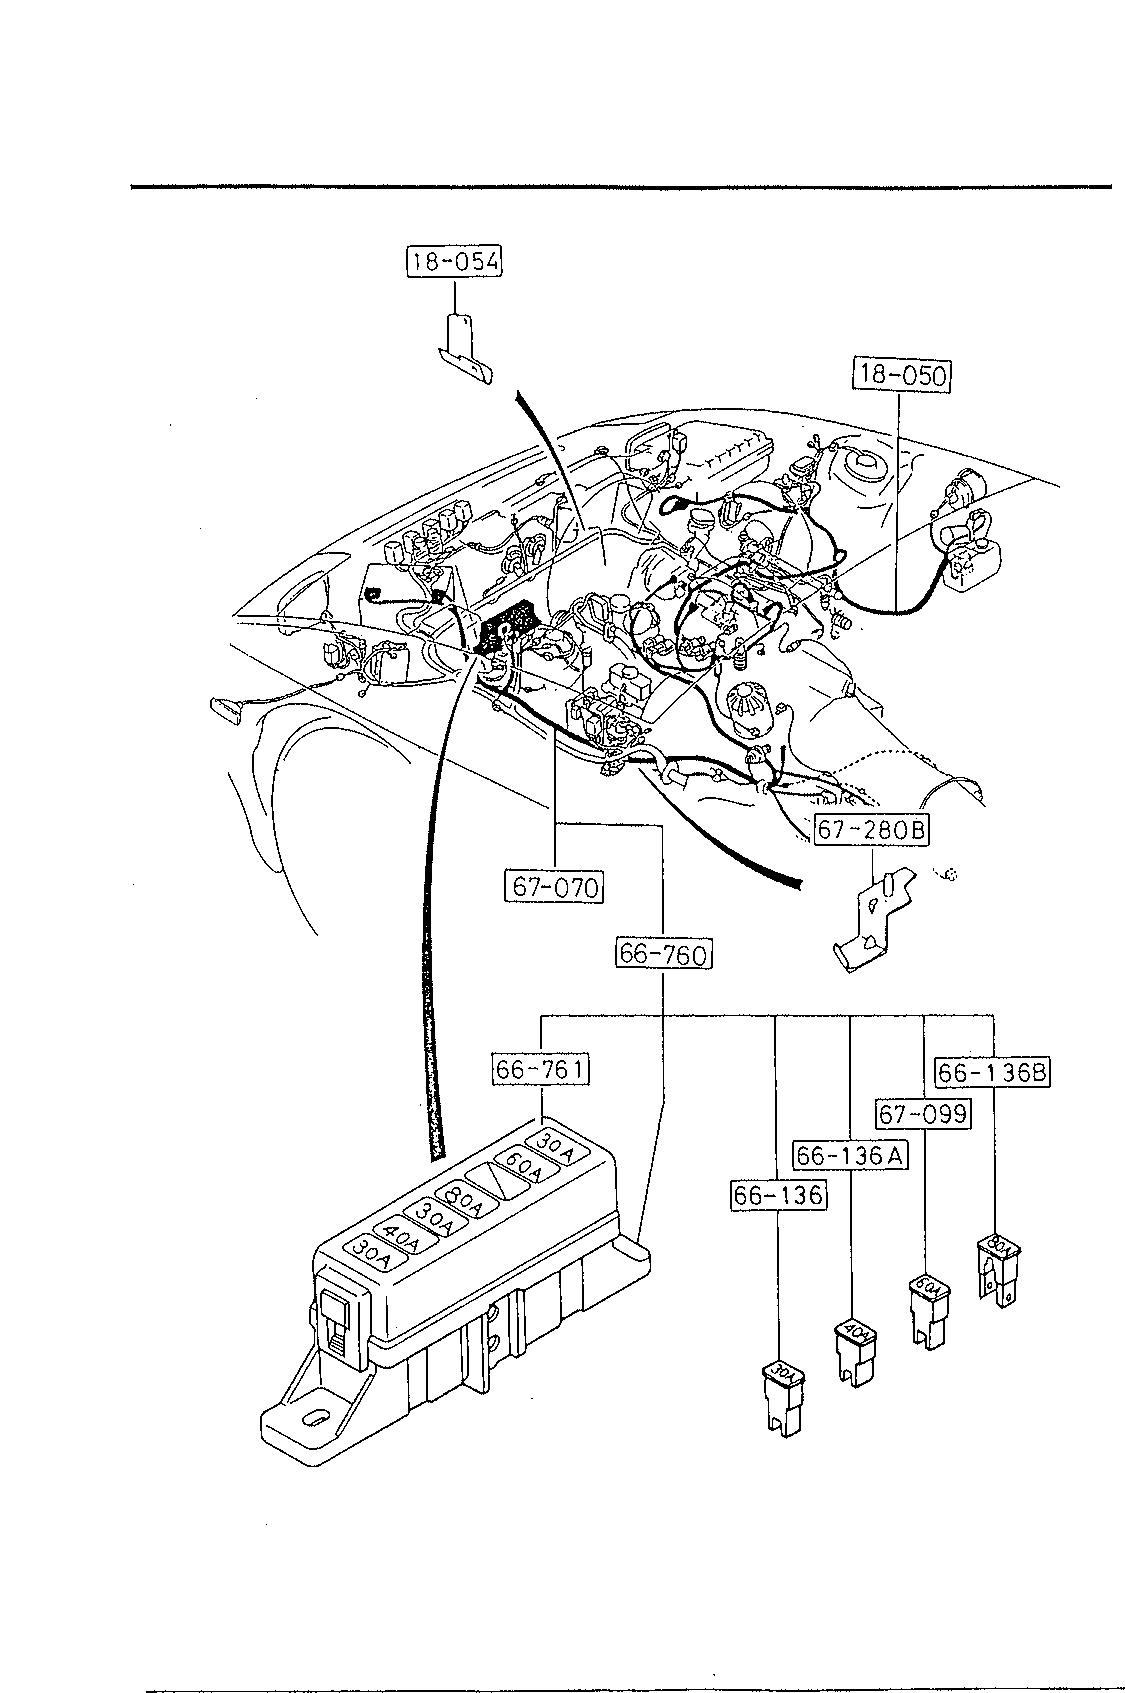 1986 Rx7 Wiring Diagram - Wiring Diagram Schema